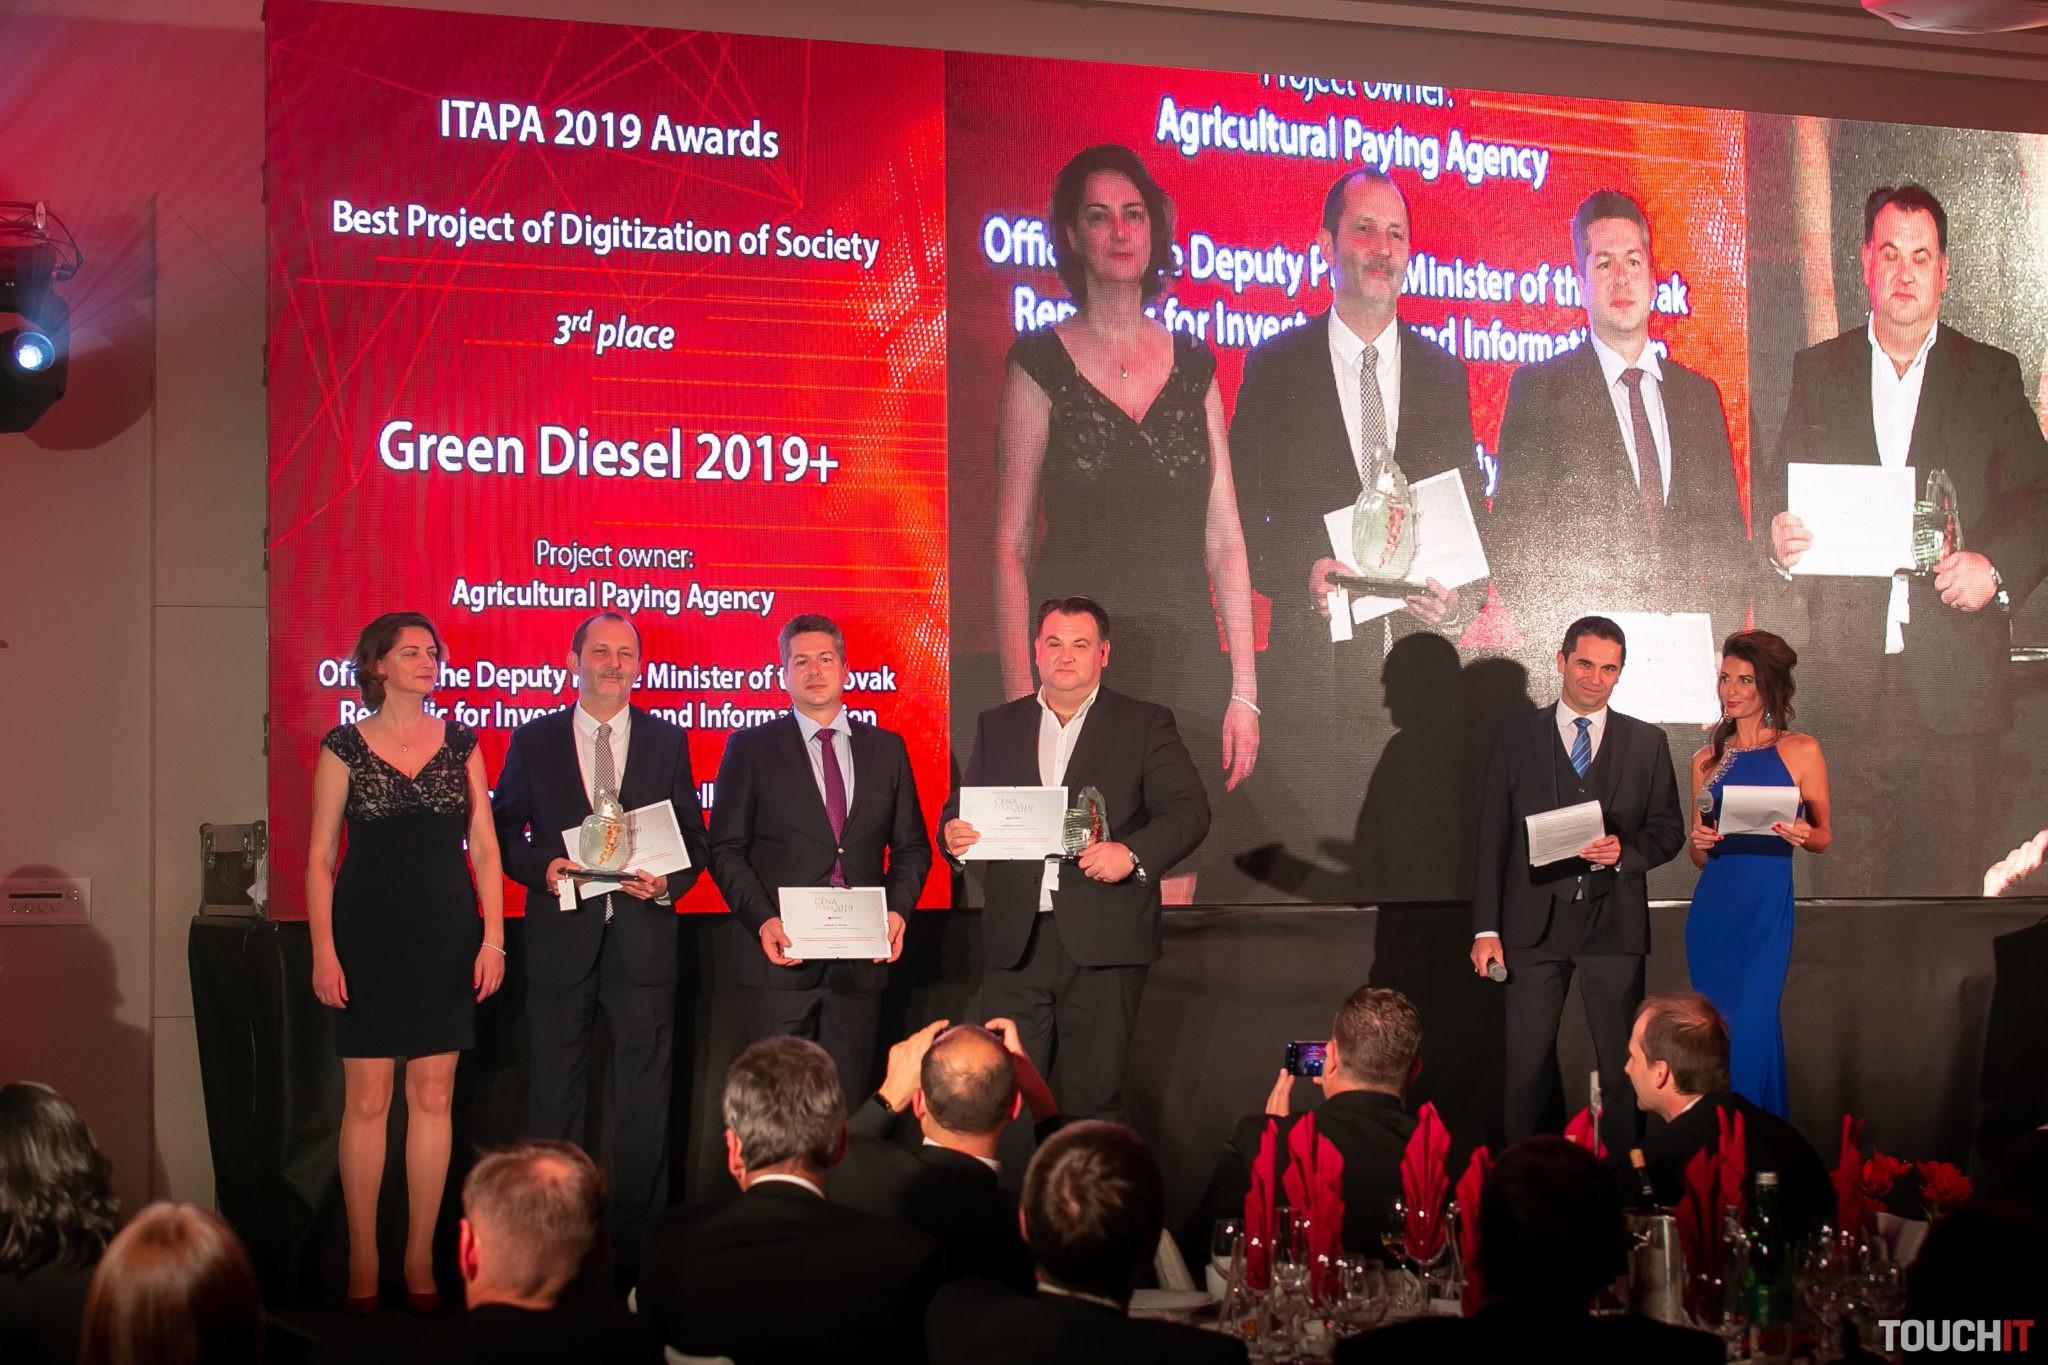 Cena ITAPA 2019